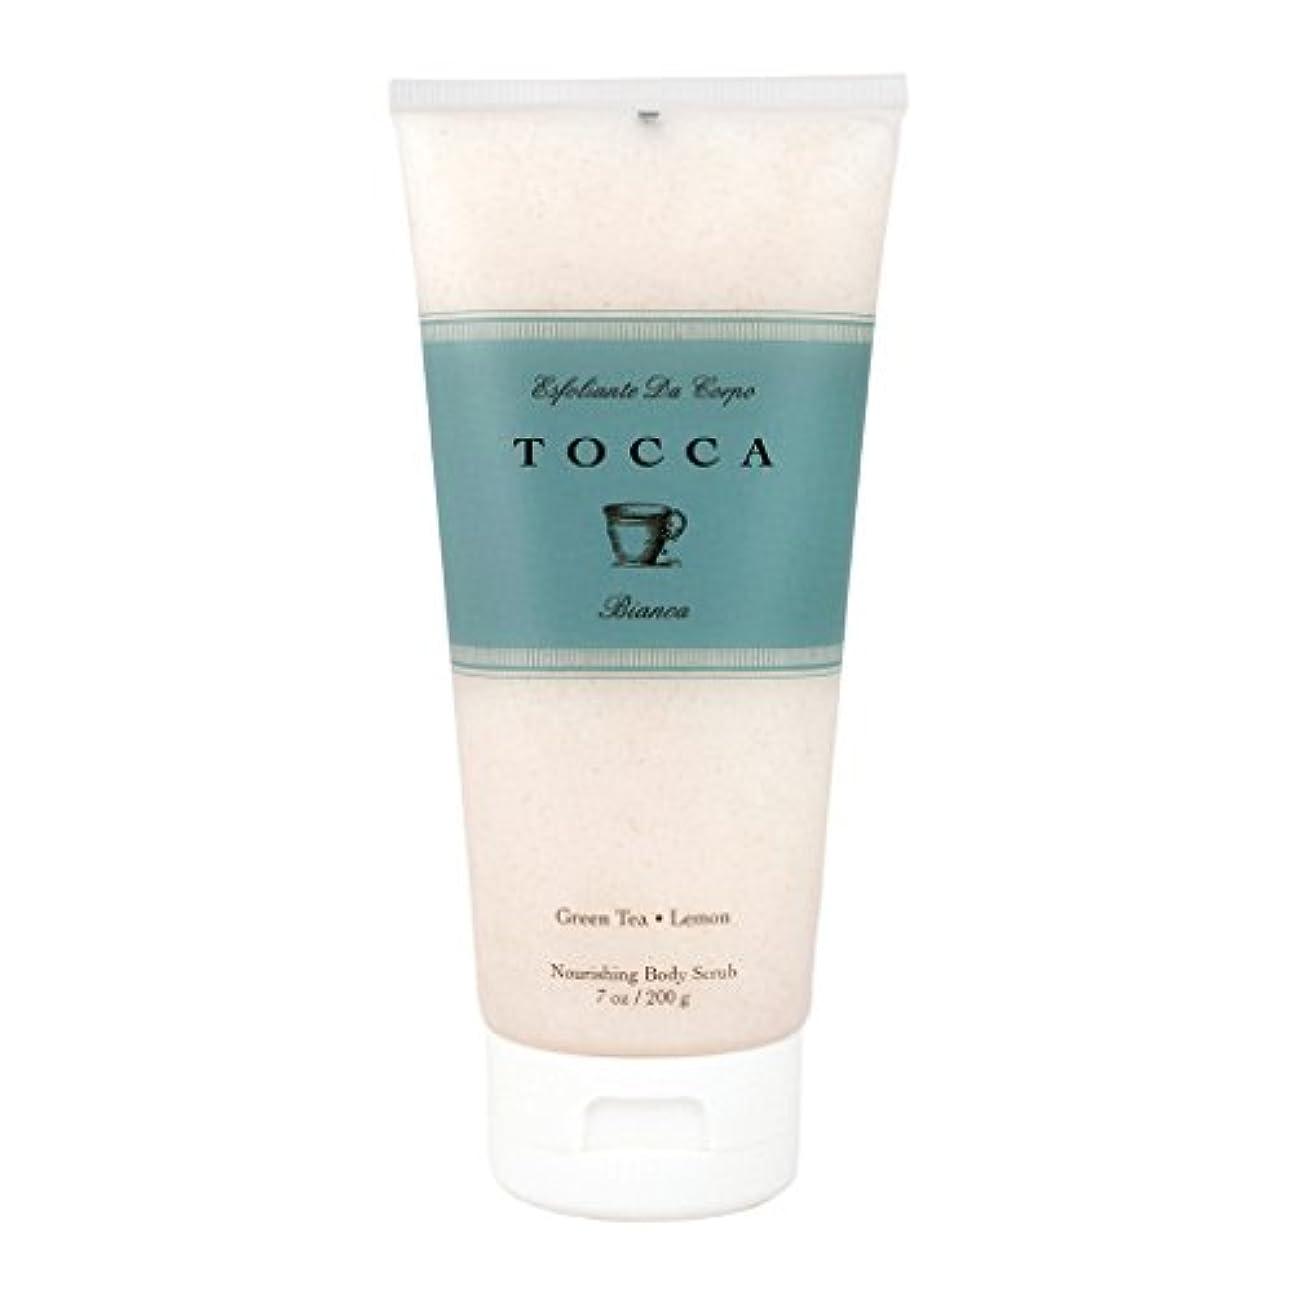 ネット椅子好意トッカ(TOCCA) ボディーケアスクラブ  ビアンカの香り 200ml(全身?ボディー用マッサージ料 シトラスとグリーンティー、ローズが絶妙に溶け合ったほのかに甘さ漂うフレッシュな香り)